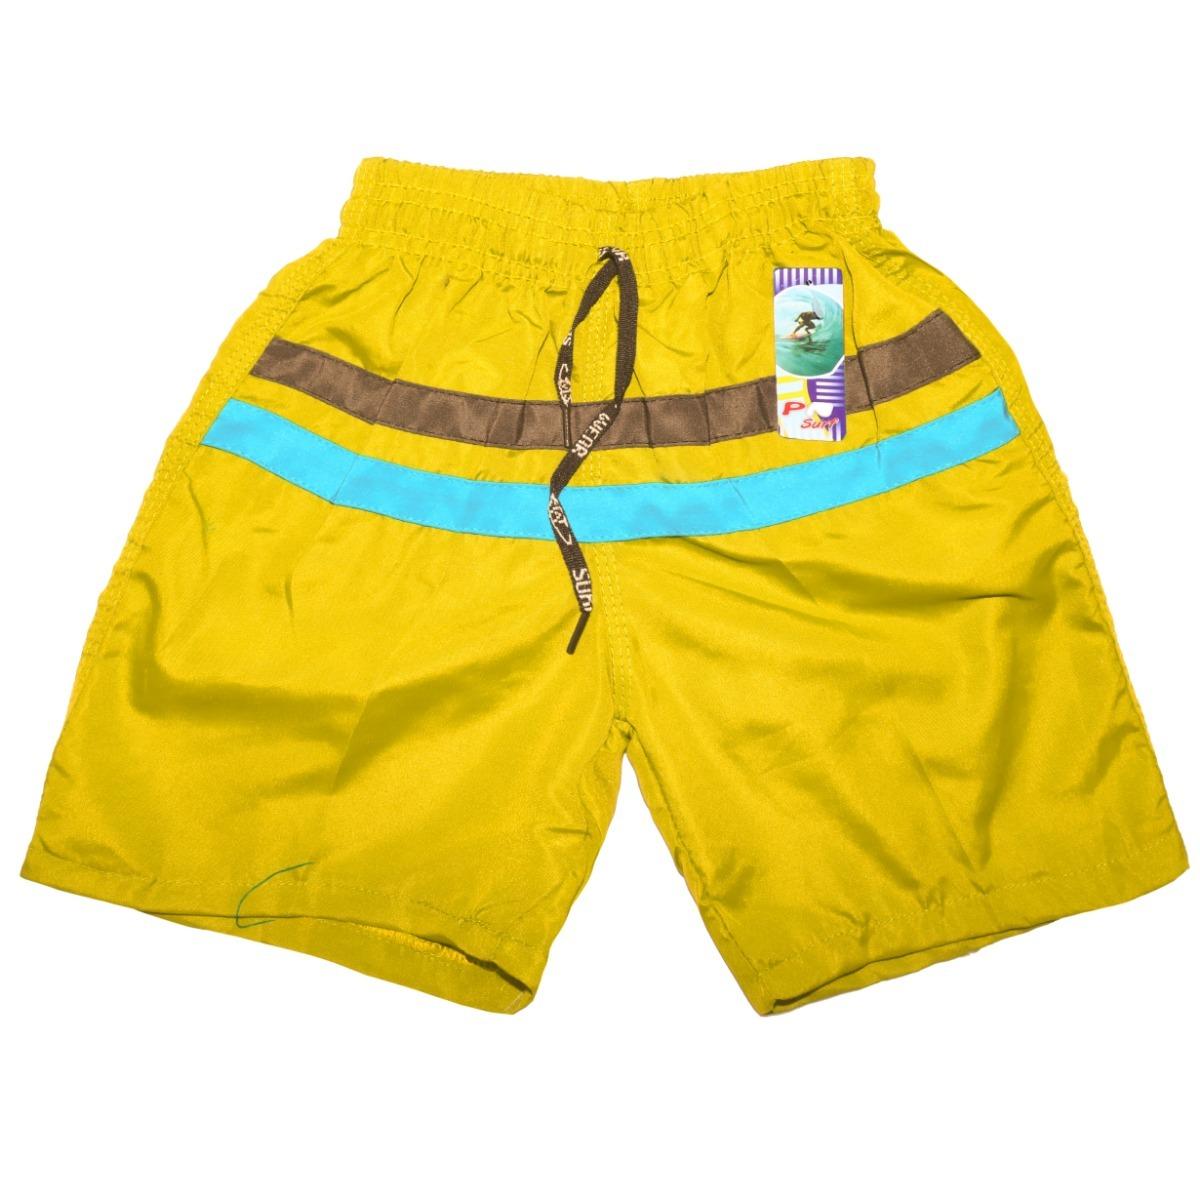 Kit Calção Short Tactel Bermuda Infantil Masculino 8 Unidad - R  67 ... e0207dc579ad4